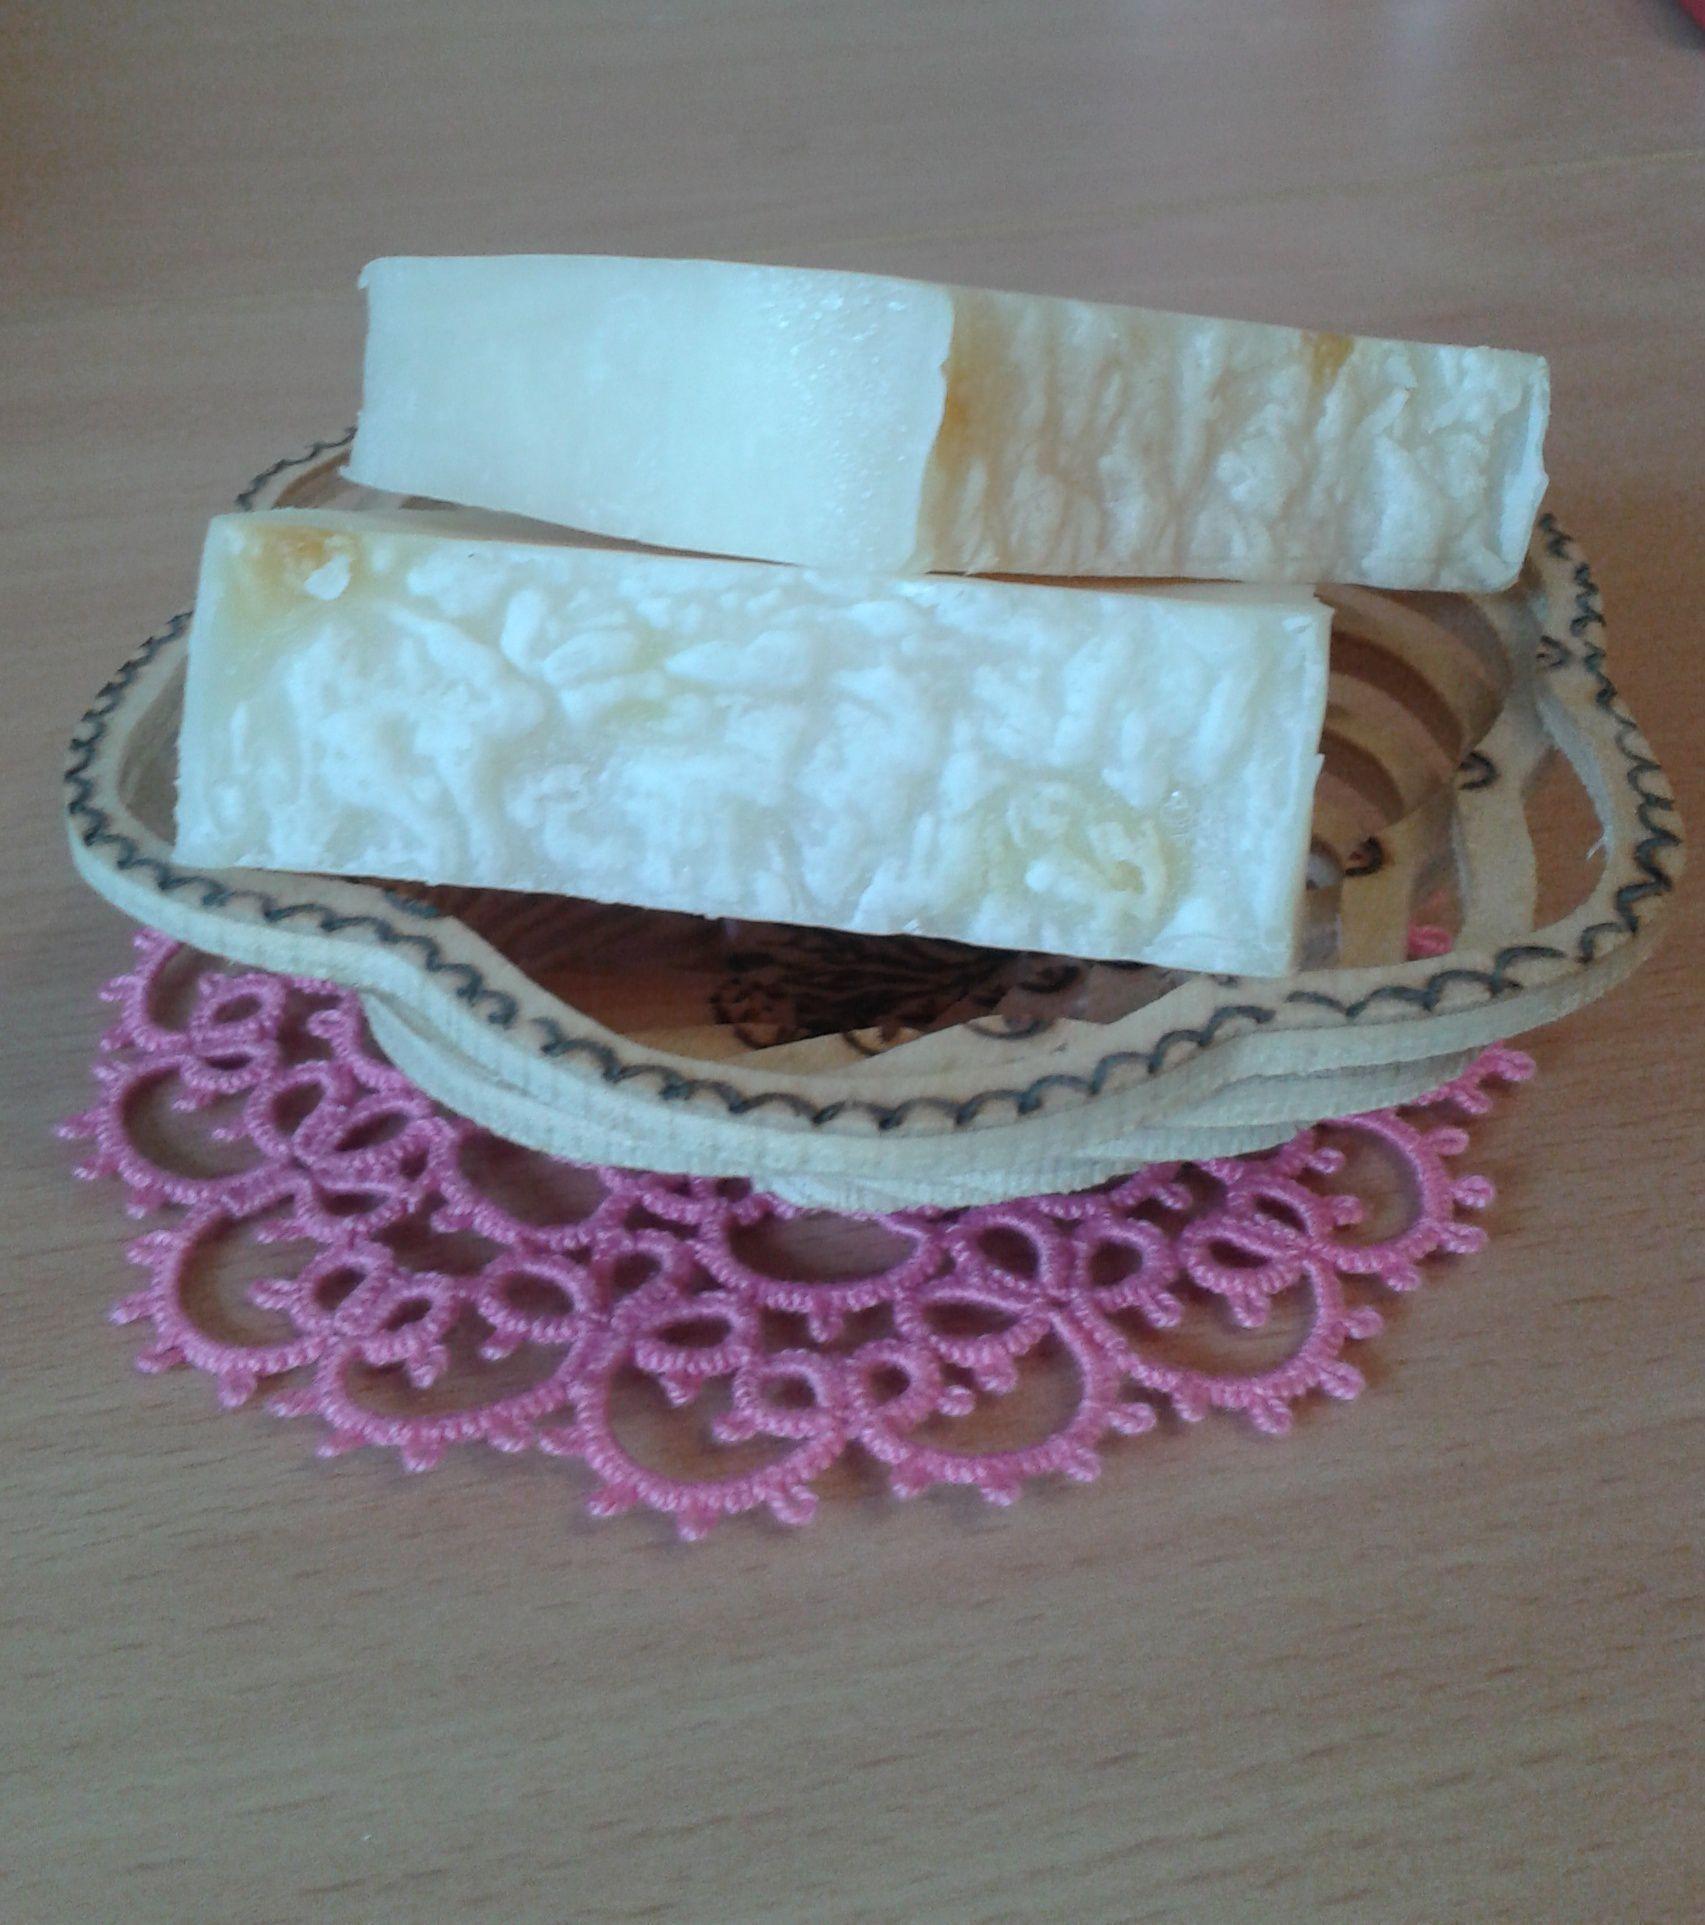 нулякупить мылоручной жасминкокосмылонатуральное мылоэкомыломыло работыподарить мылоароматное мыло с